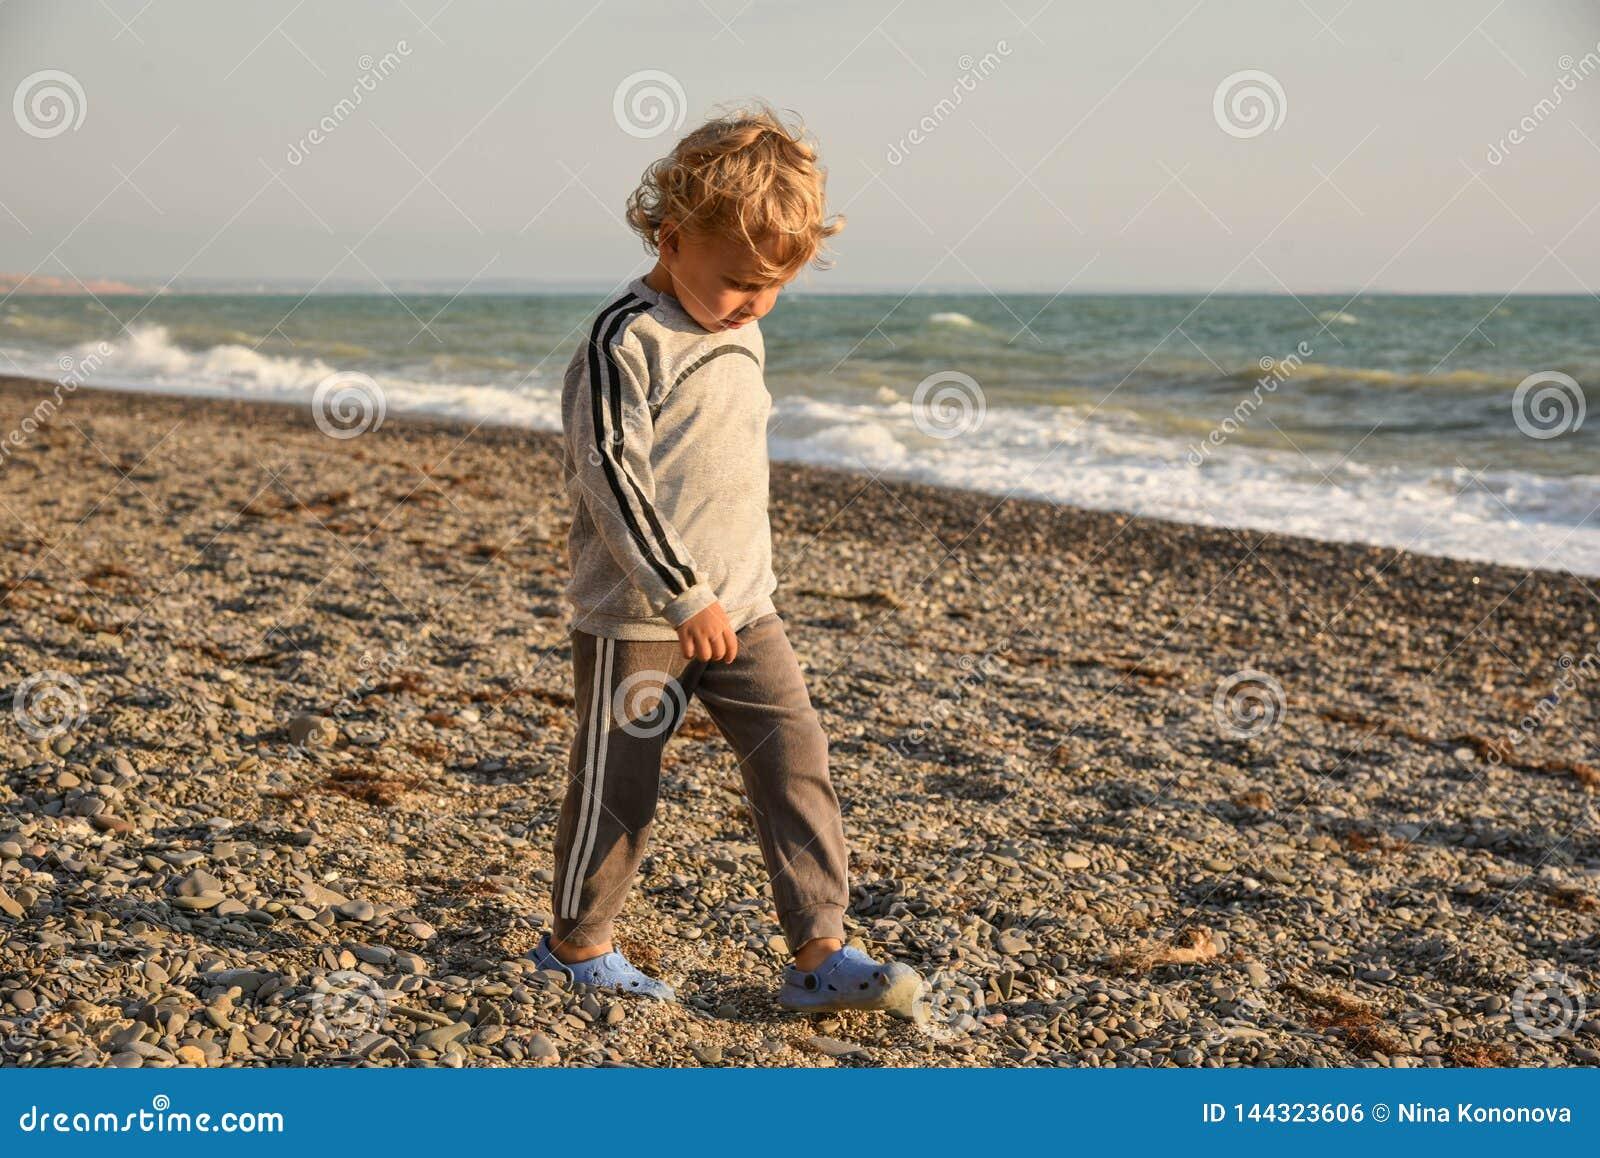 Petit bébé garçon marchant le bord de la mer le garçon marche au coucher du soleil sur la plage